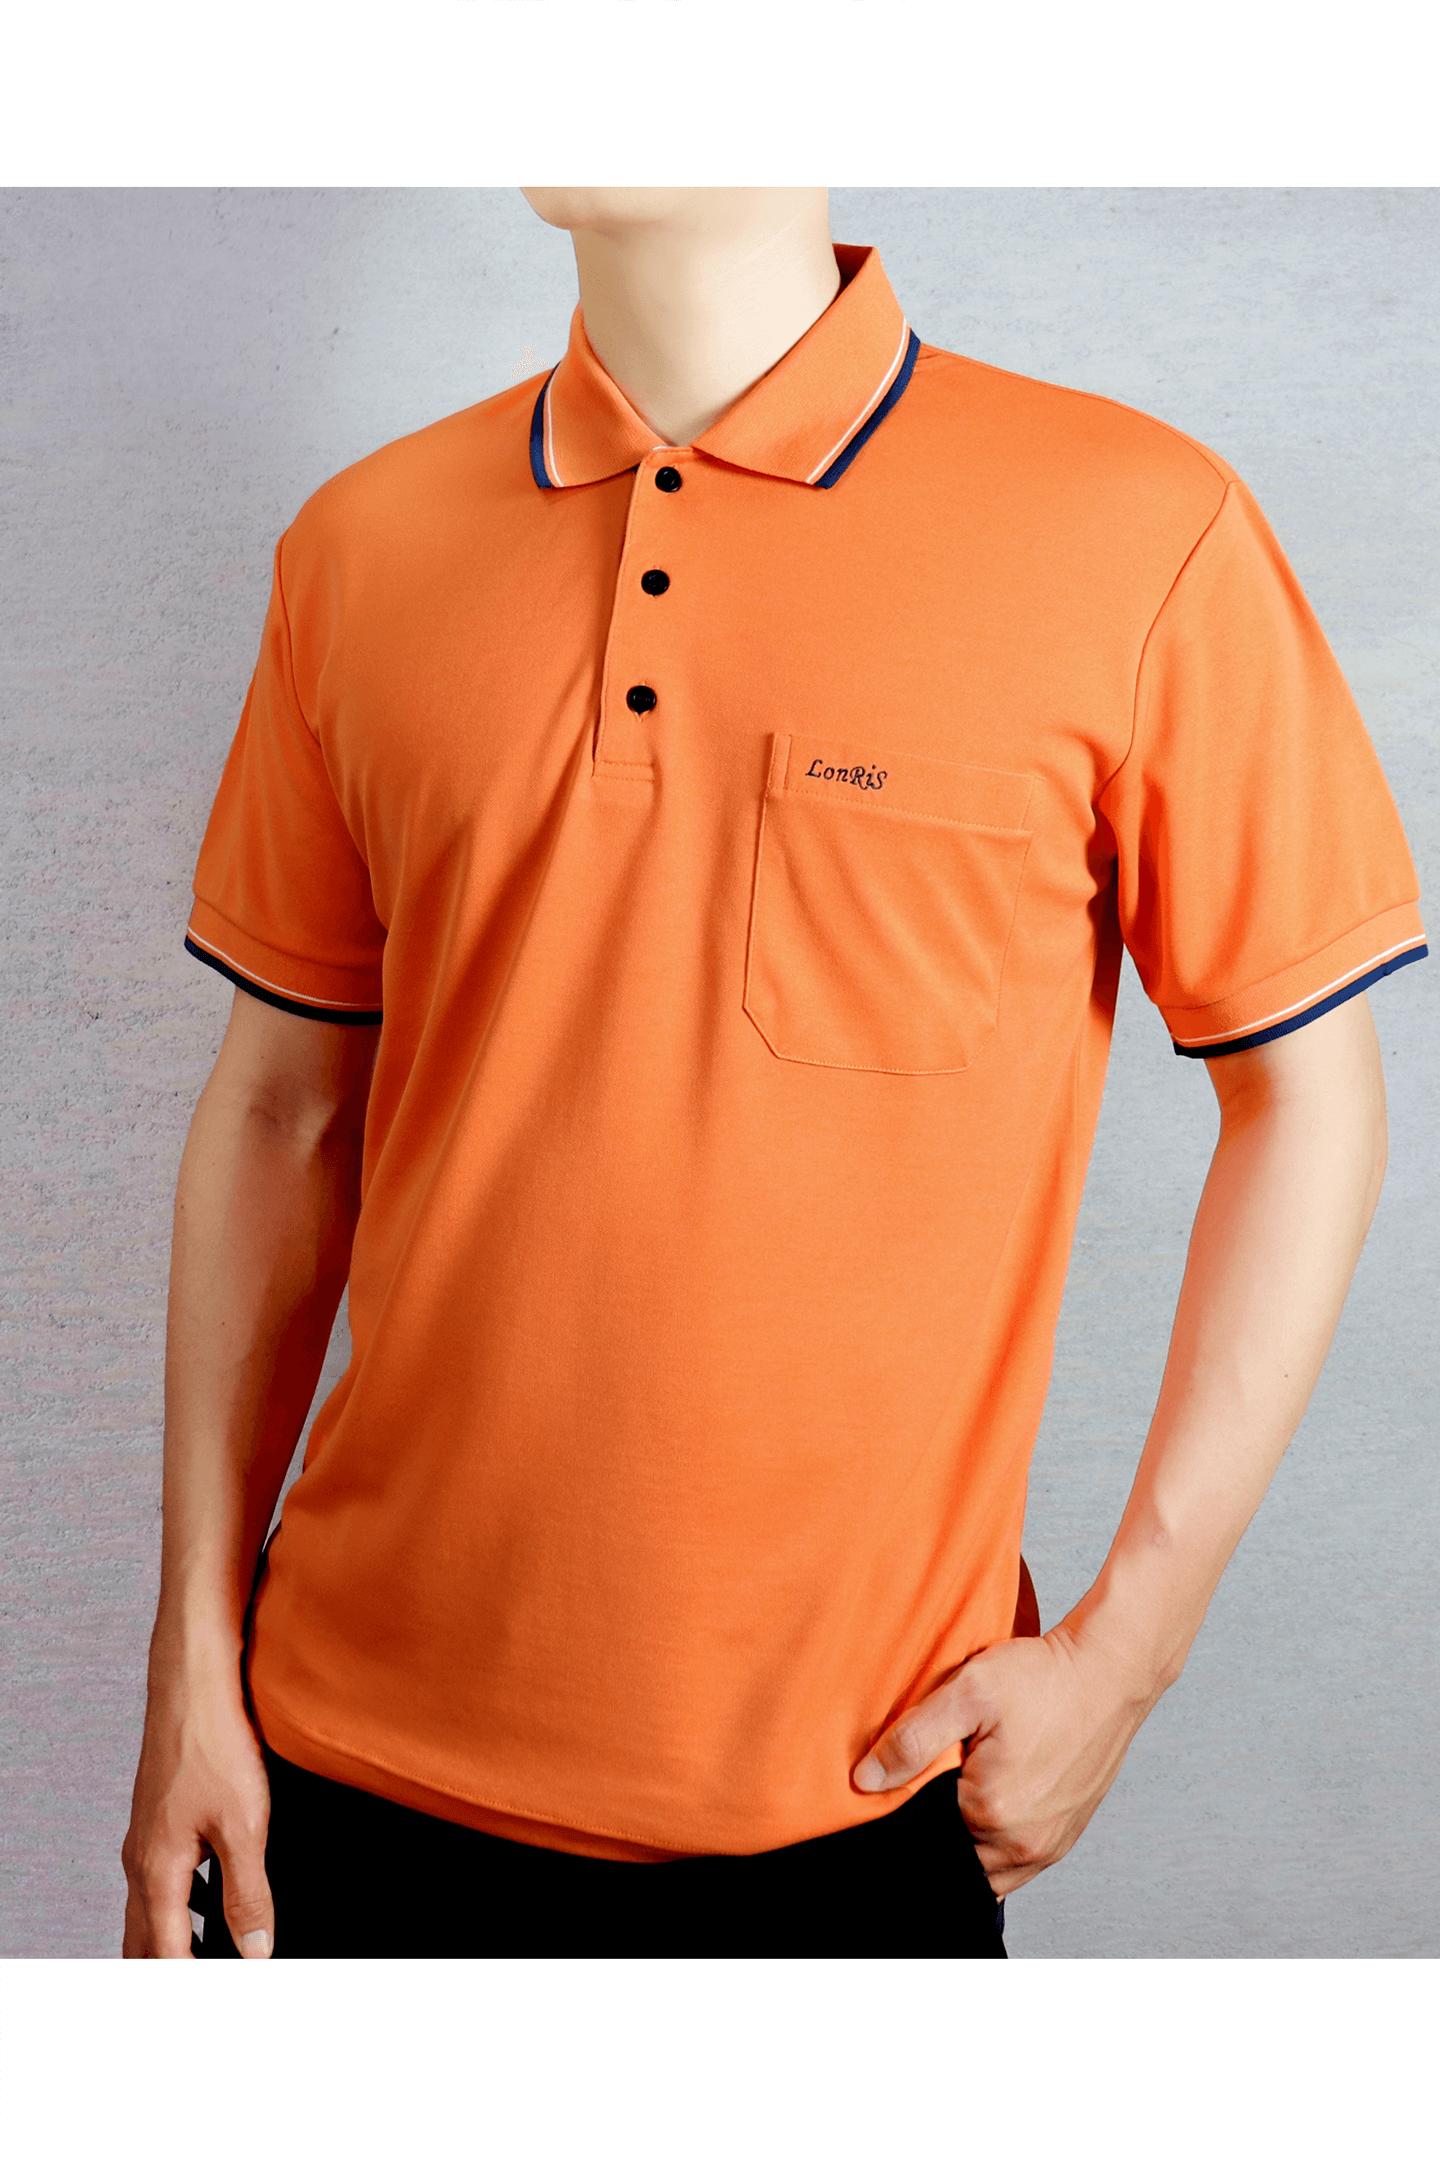 橘底滾邊短袖POLO衫/吸濕排汗 速乾